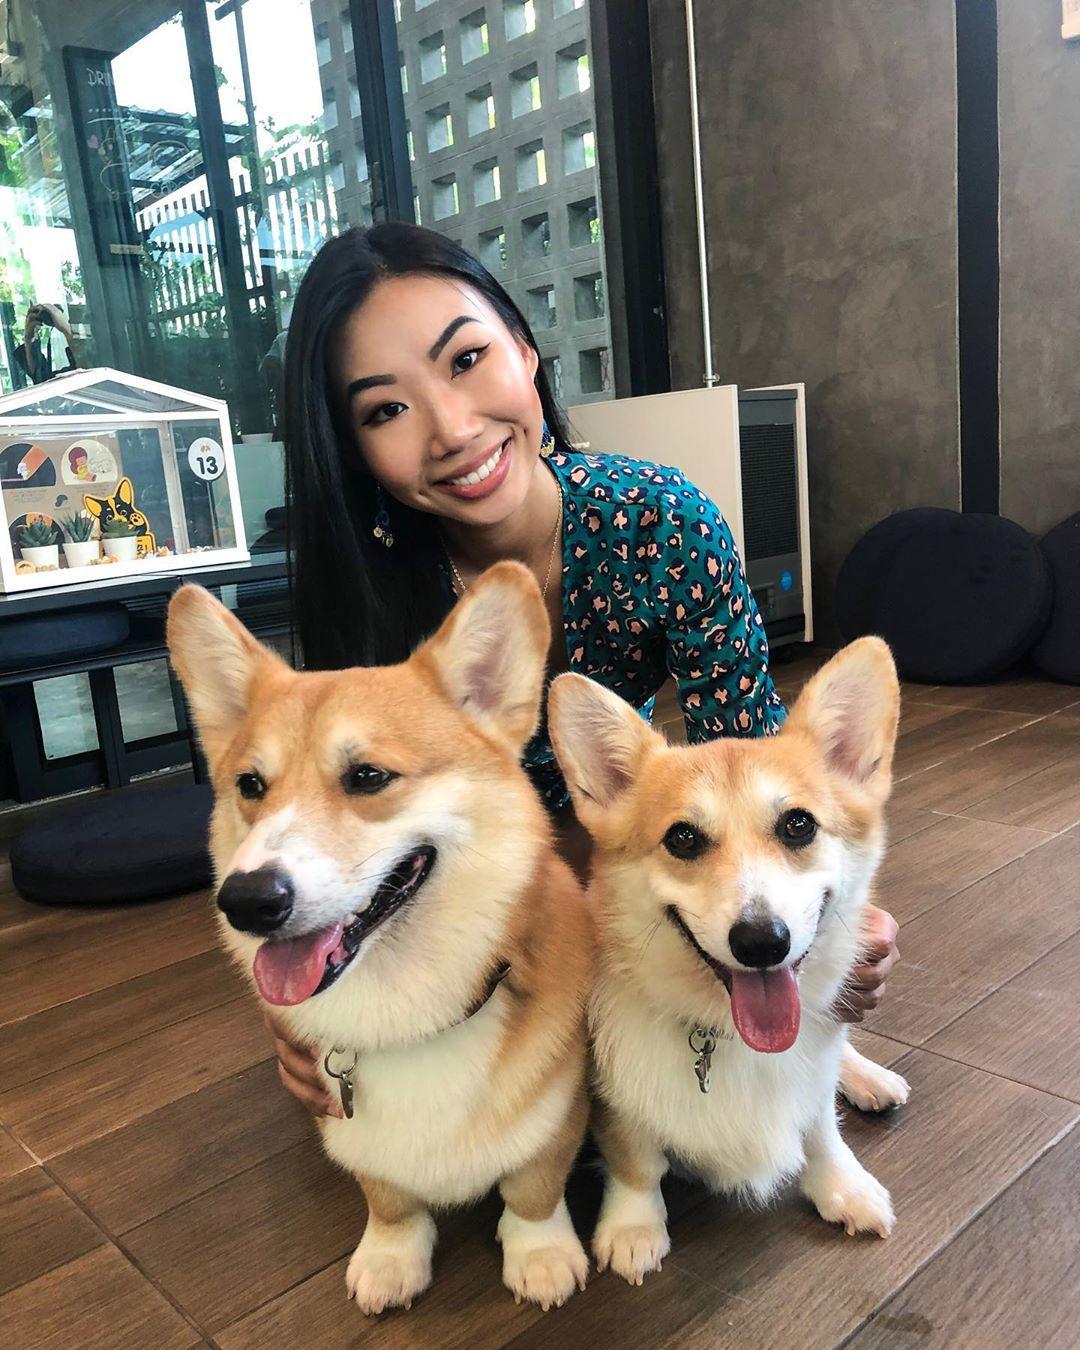 Siêu cấp dễ thương: Quán cà phê chó corgi nổi tiếng nhất Bangkok khiến dân tình phát sốt, con nào con nấy cũng ú nu ú nần - Ảnh 16.